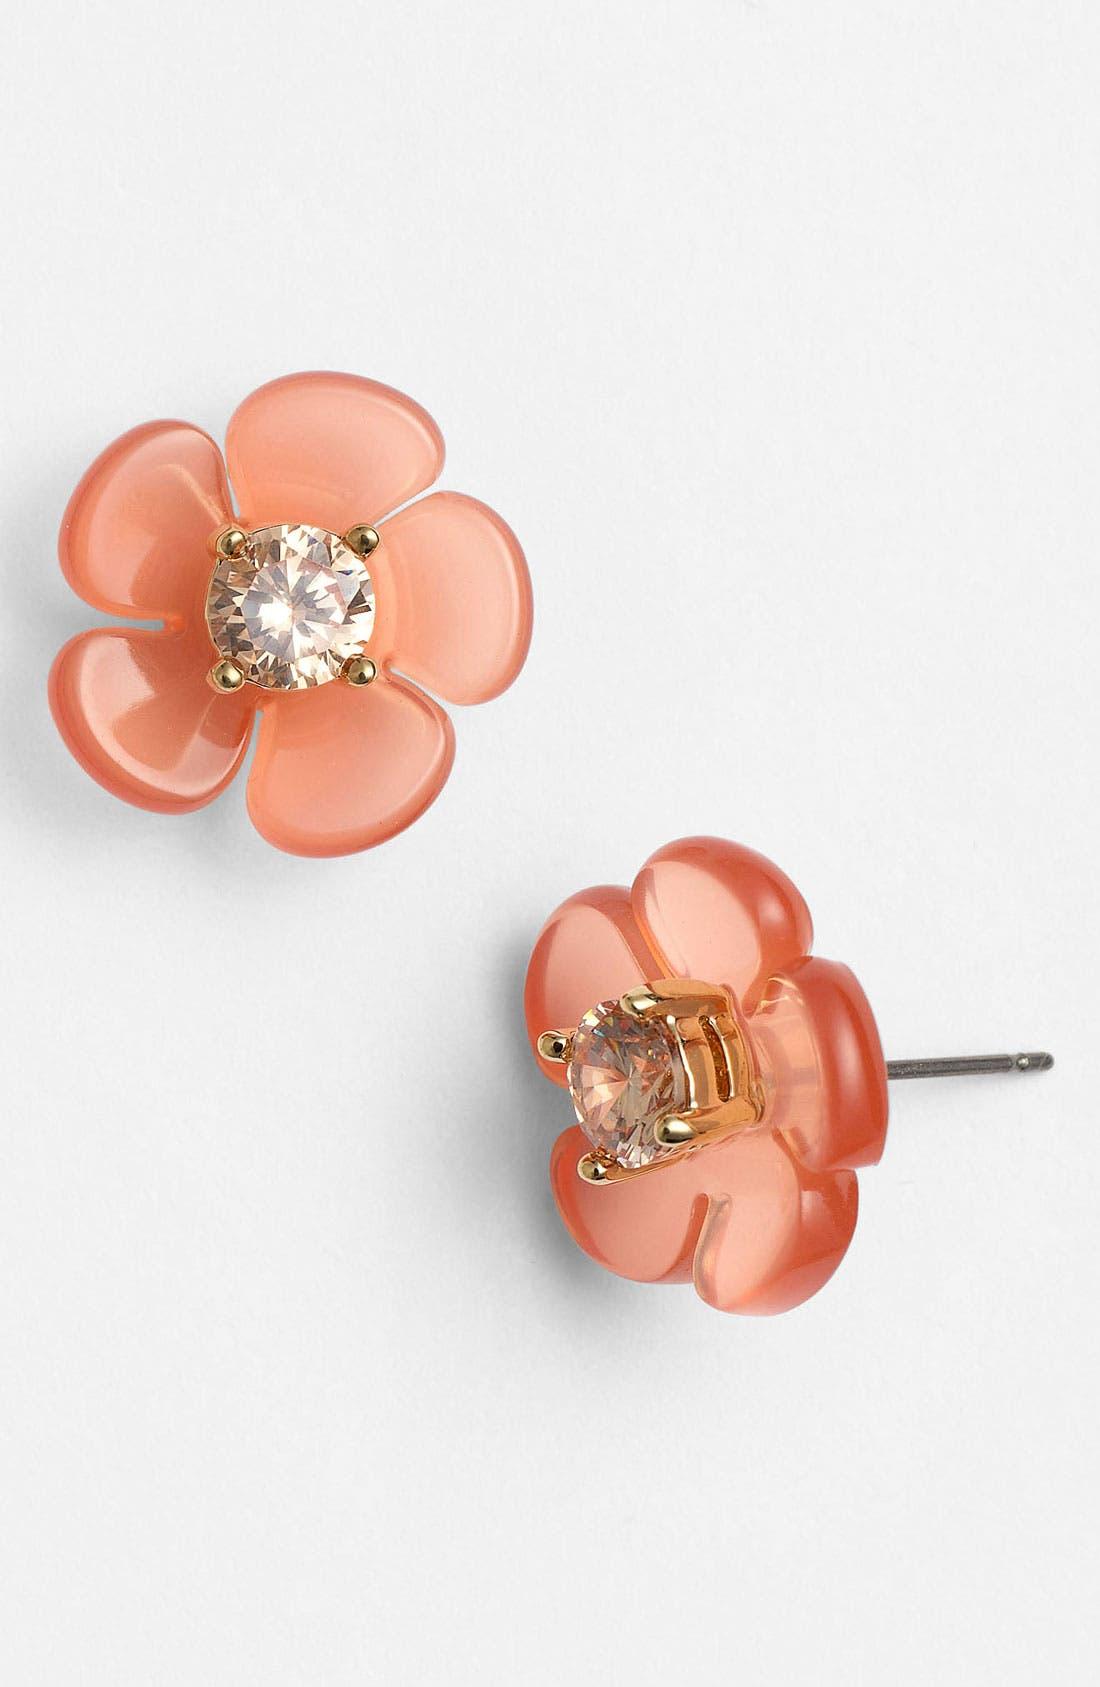 Alternate Image 1 Selected - Tory Burch 'Flora' Stud Earrings